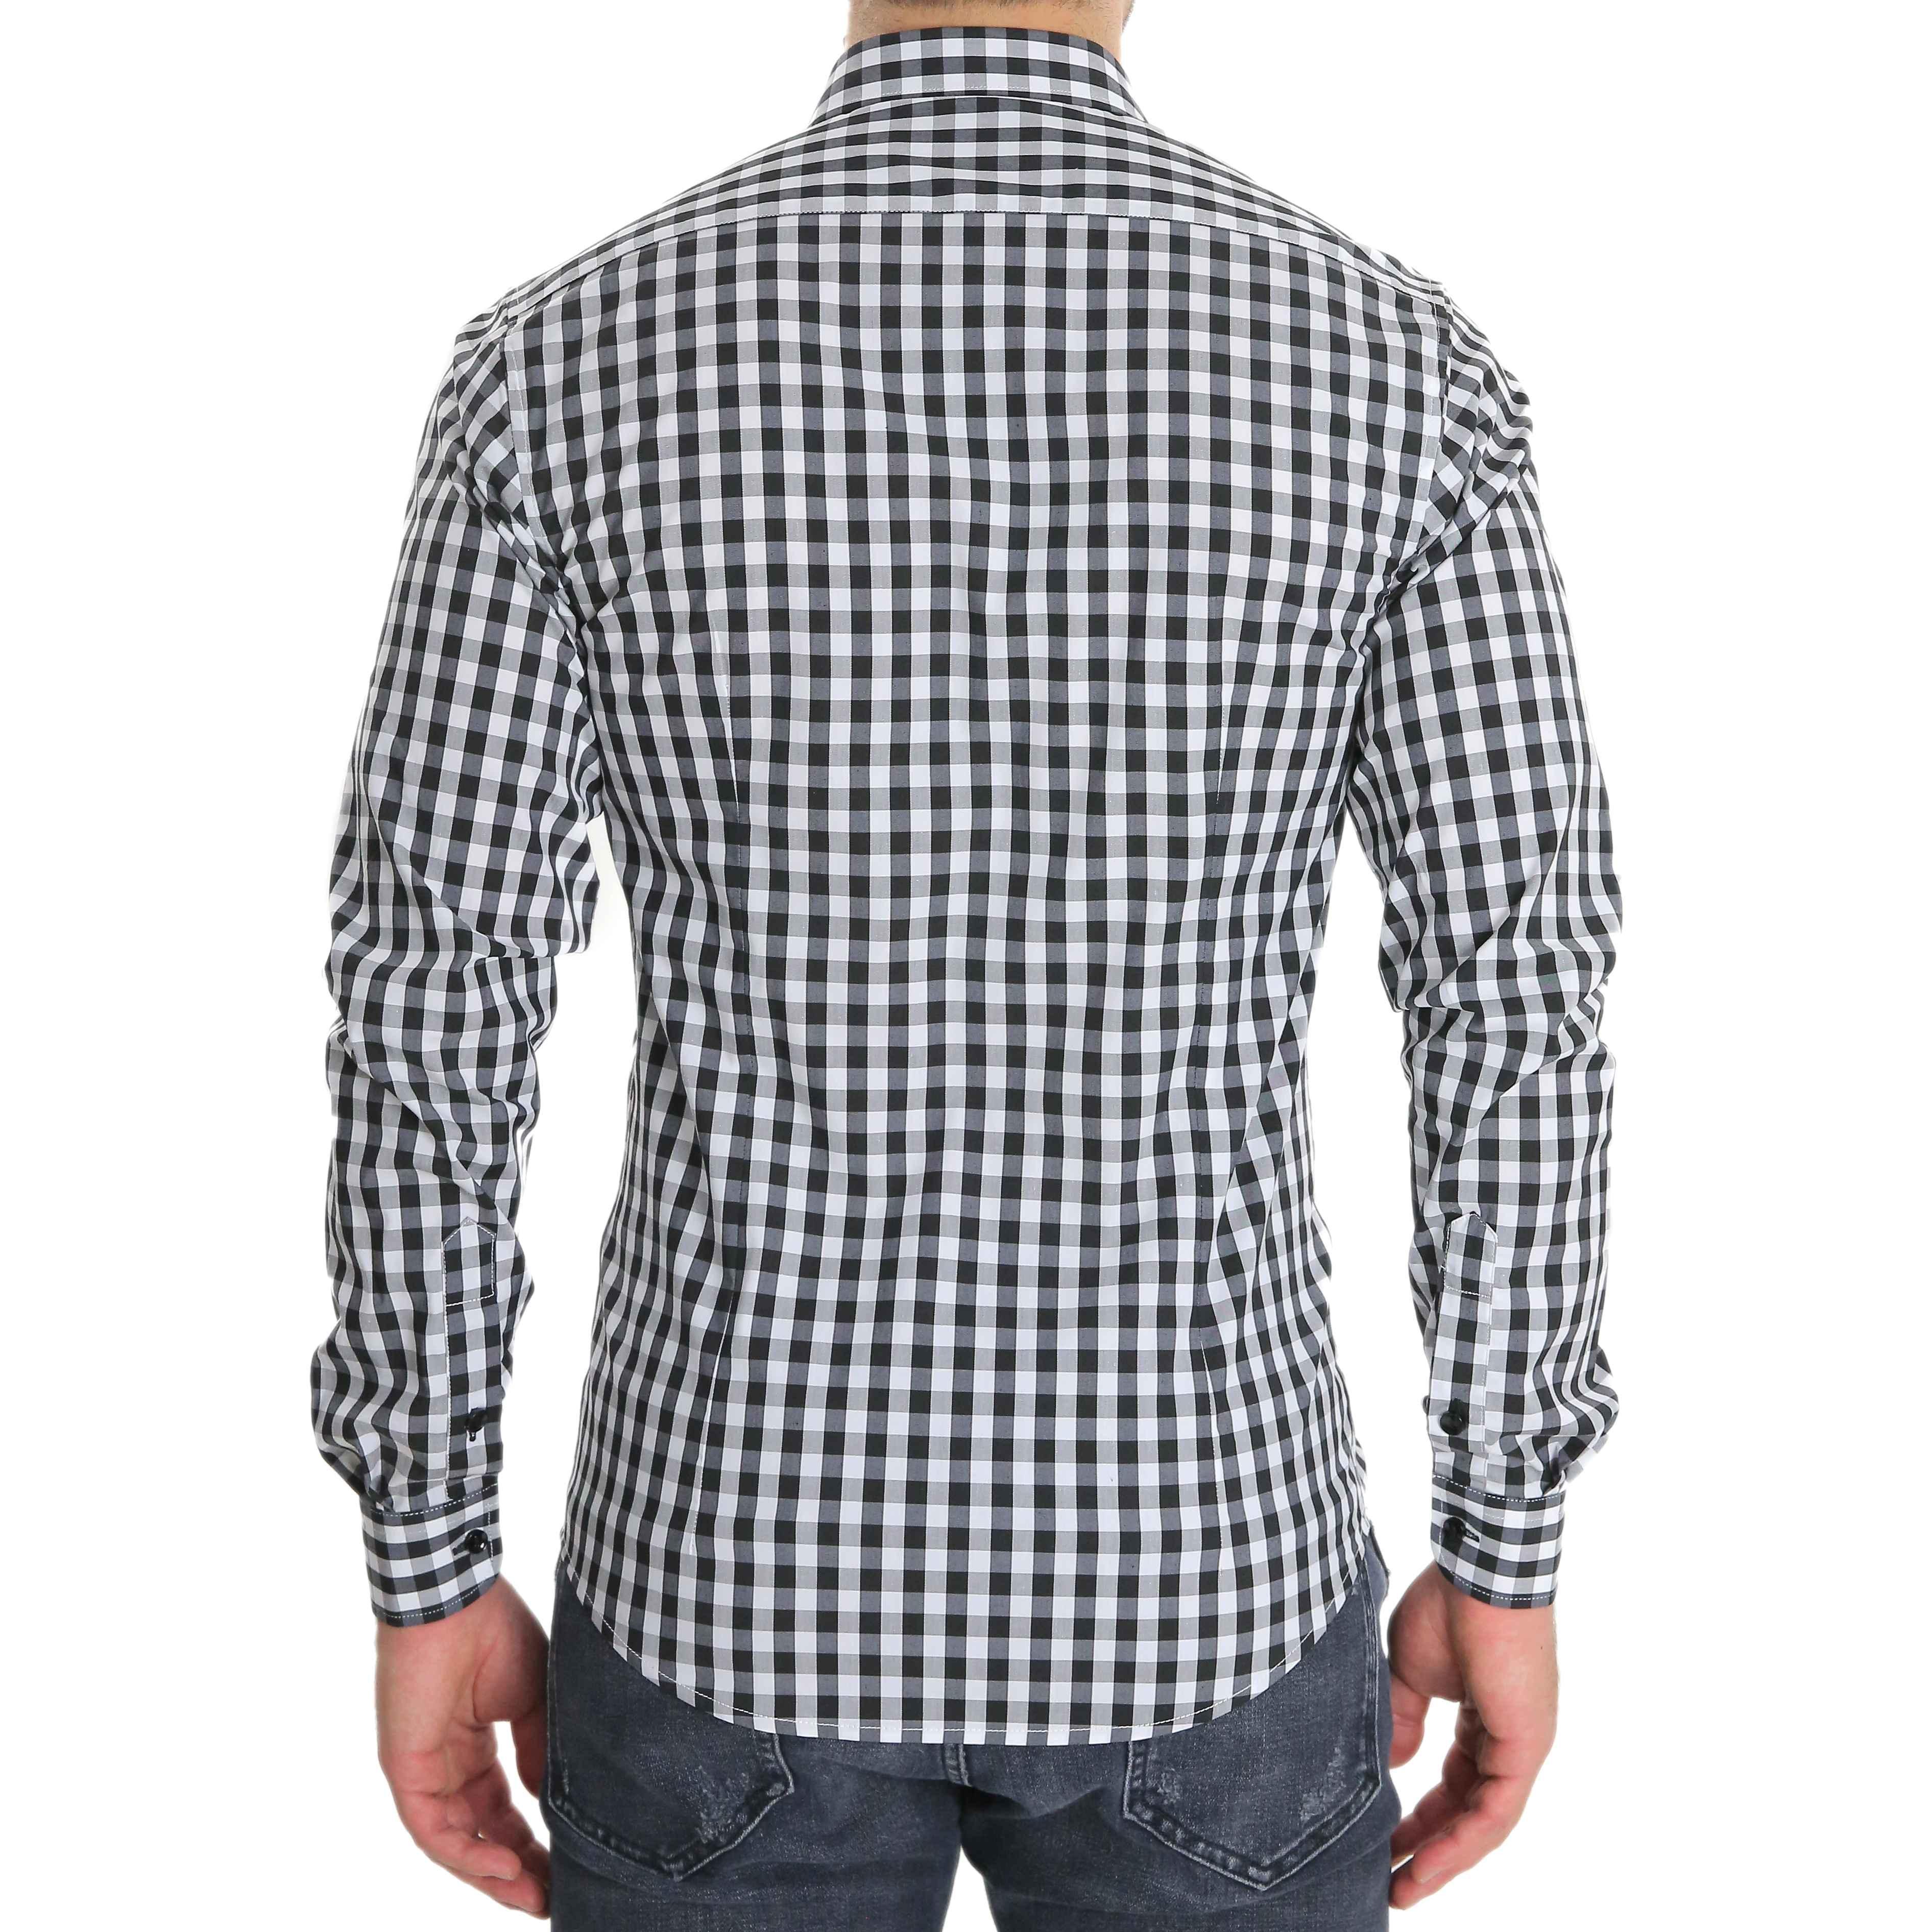 Camicia-Uomo-Cotone-Quadretti-Casual-Slim-Fit-Quadri-Scozzese-Manica-Lunga miniatura 5